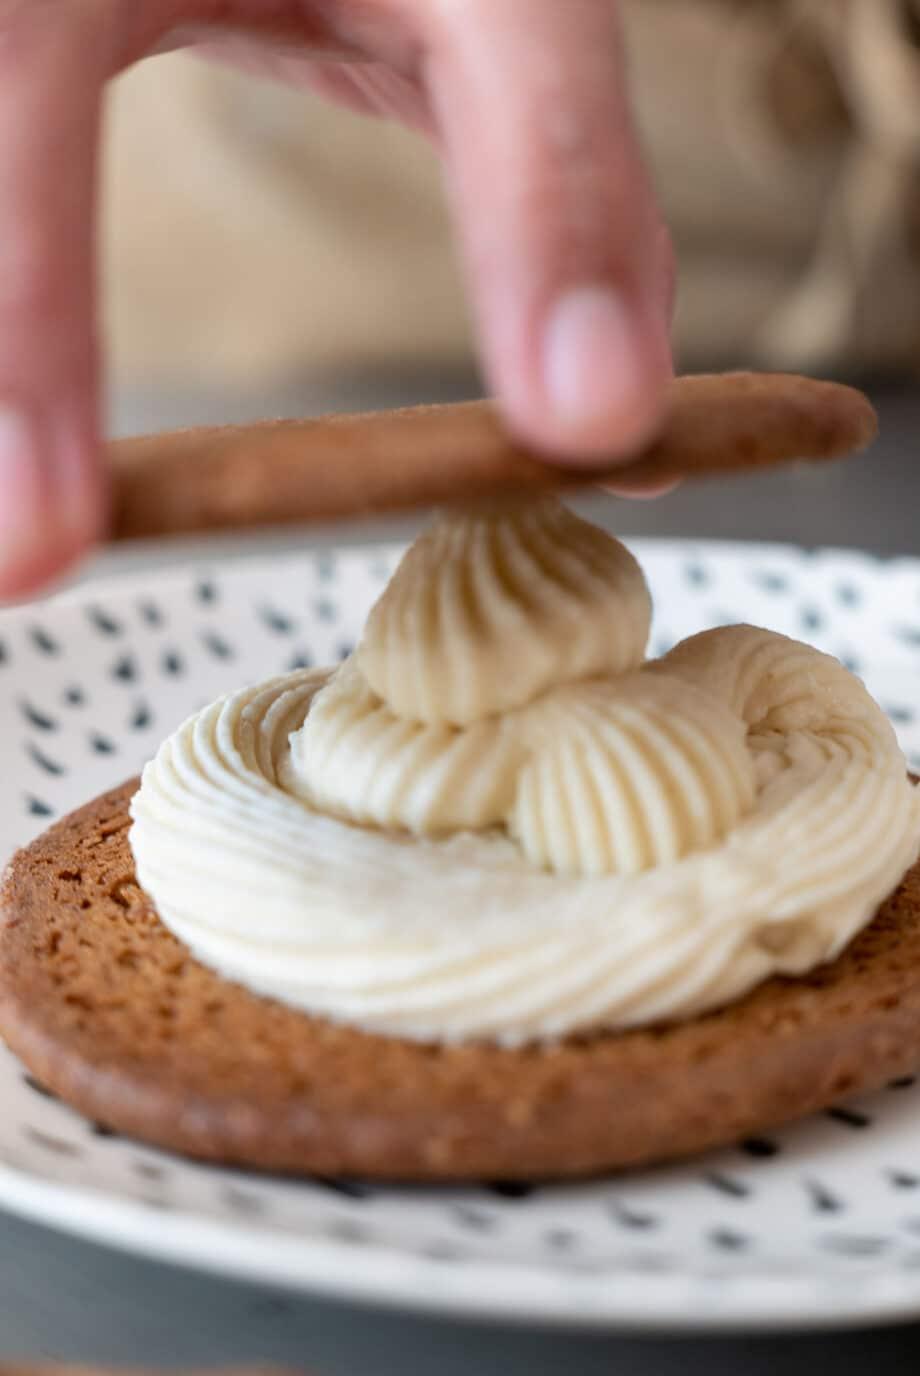 ginger-cookies-panitier-01